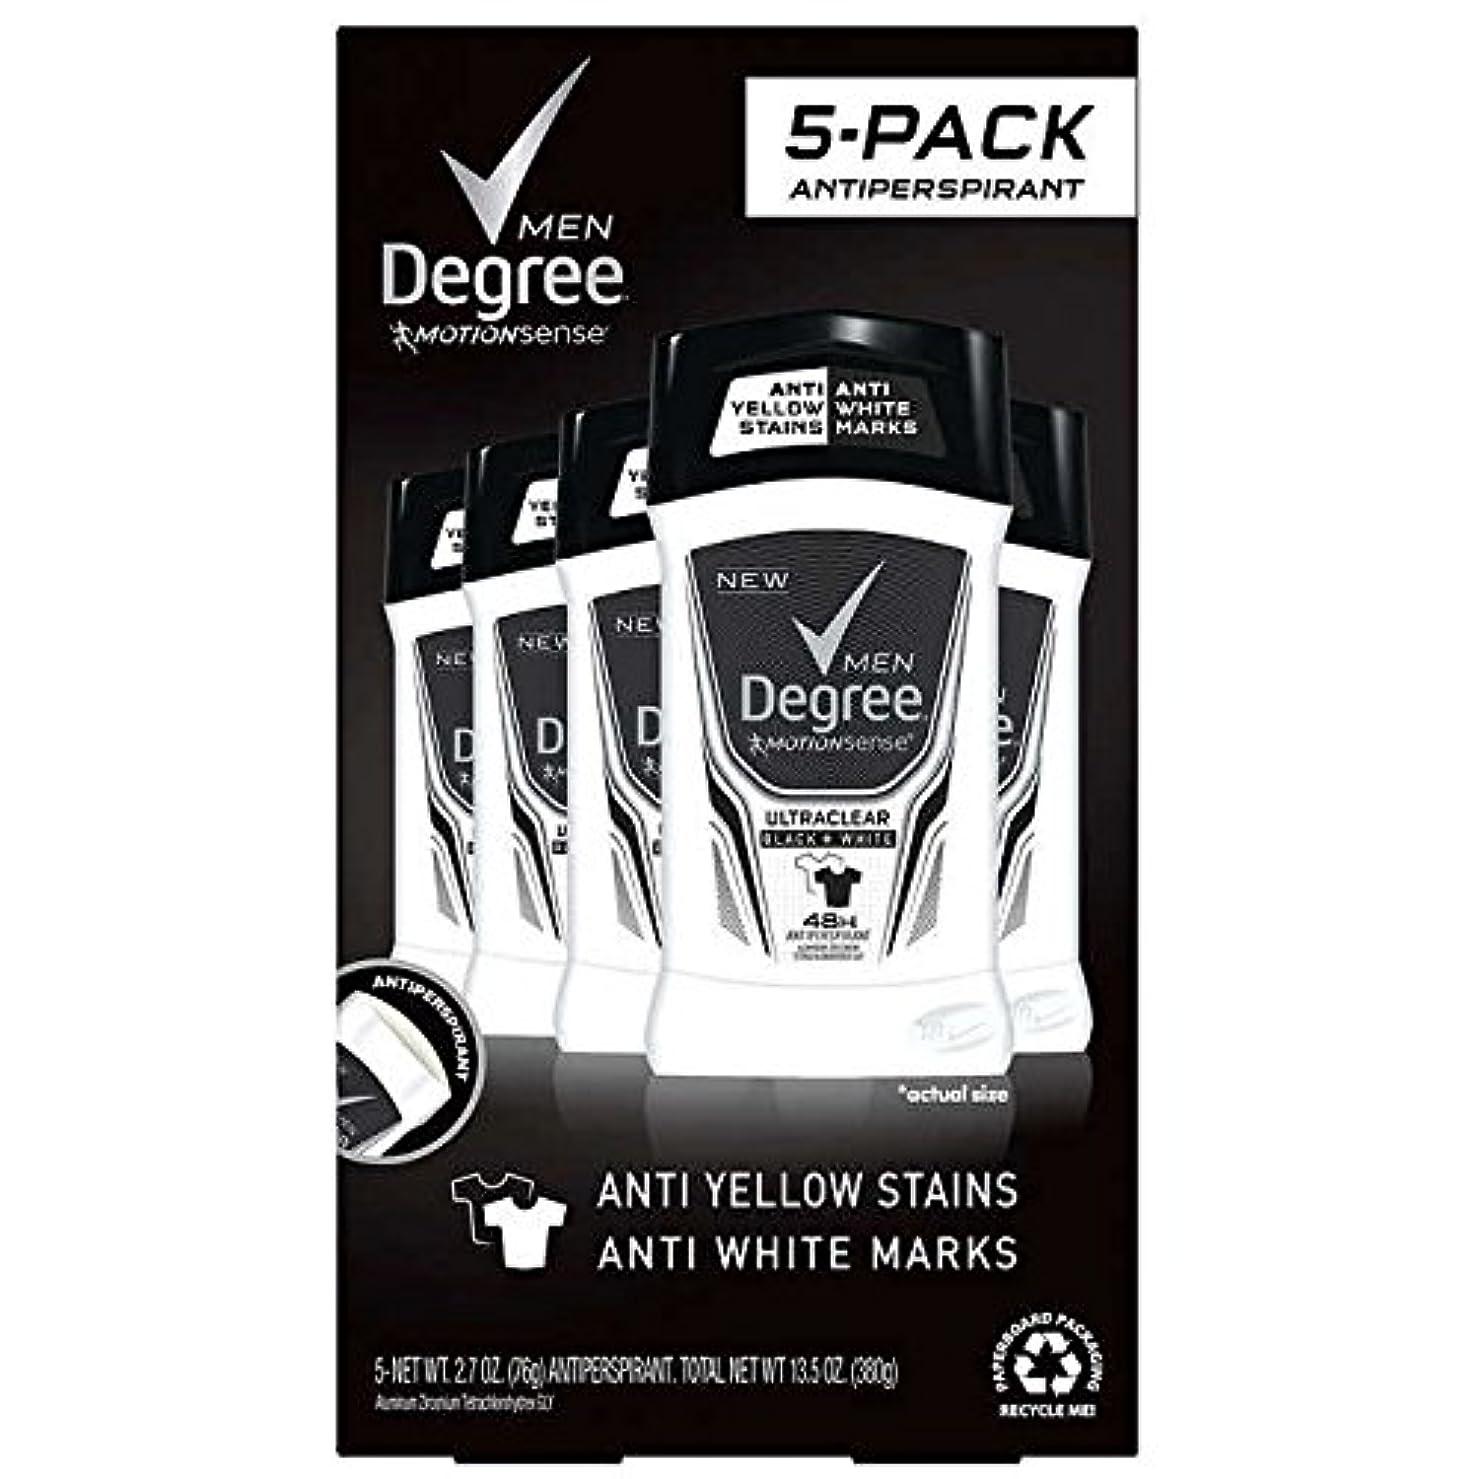 議論する混沌脈拍Degree Men Ultra Clear Black + White Solid Deodorant 2.7oz (76g), 5-pack [並行輸入品]